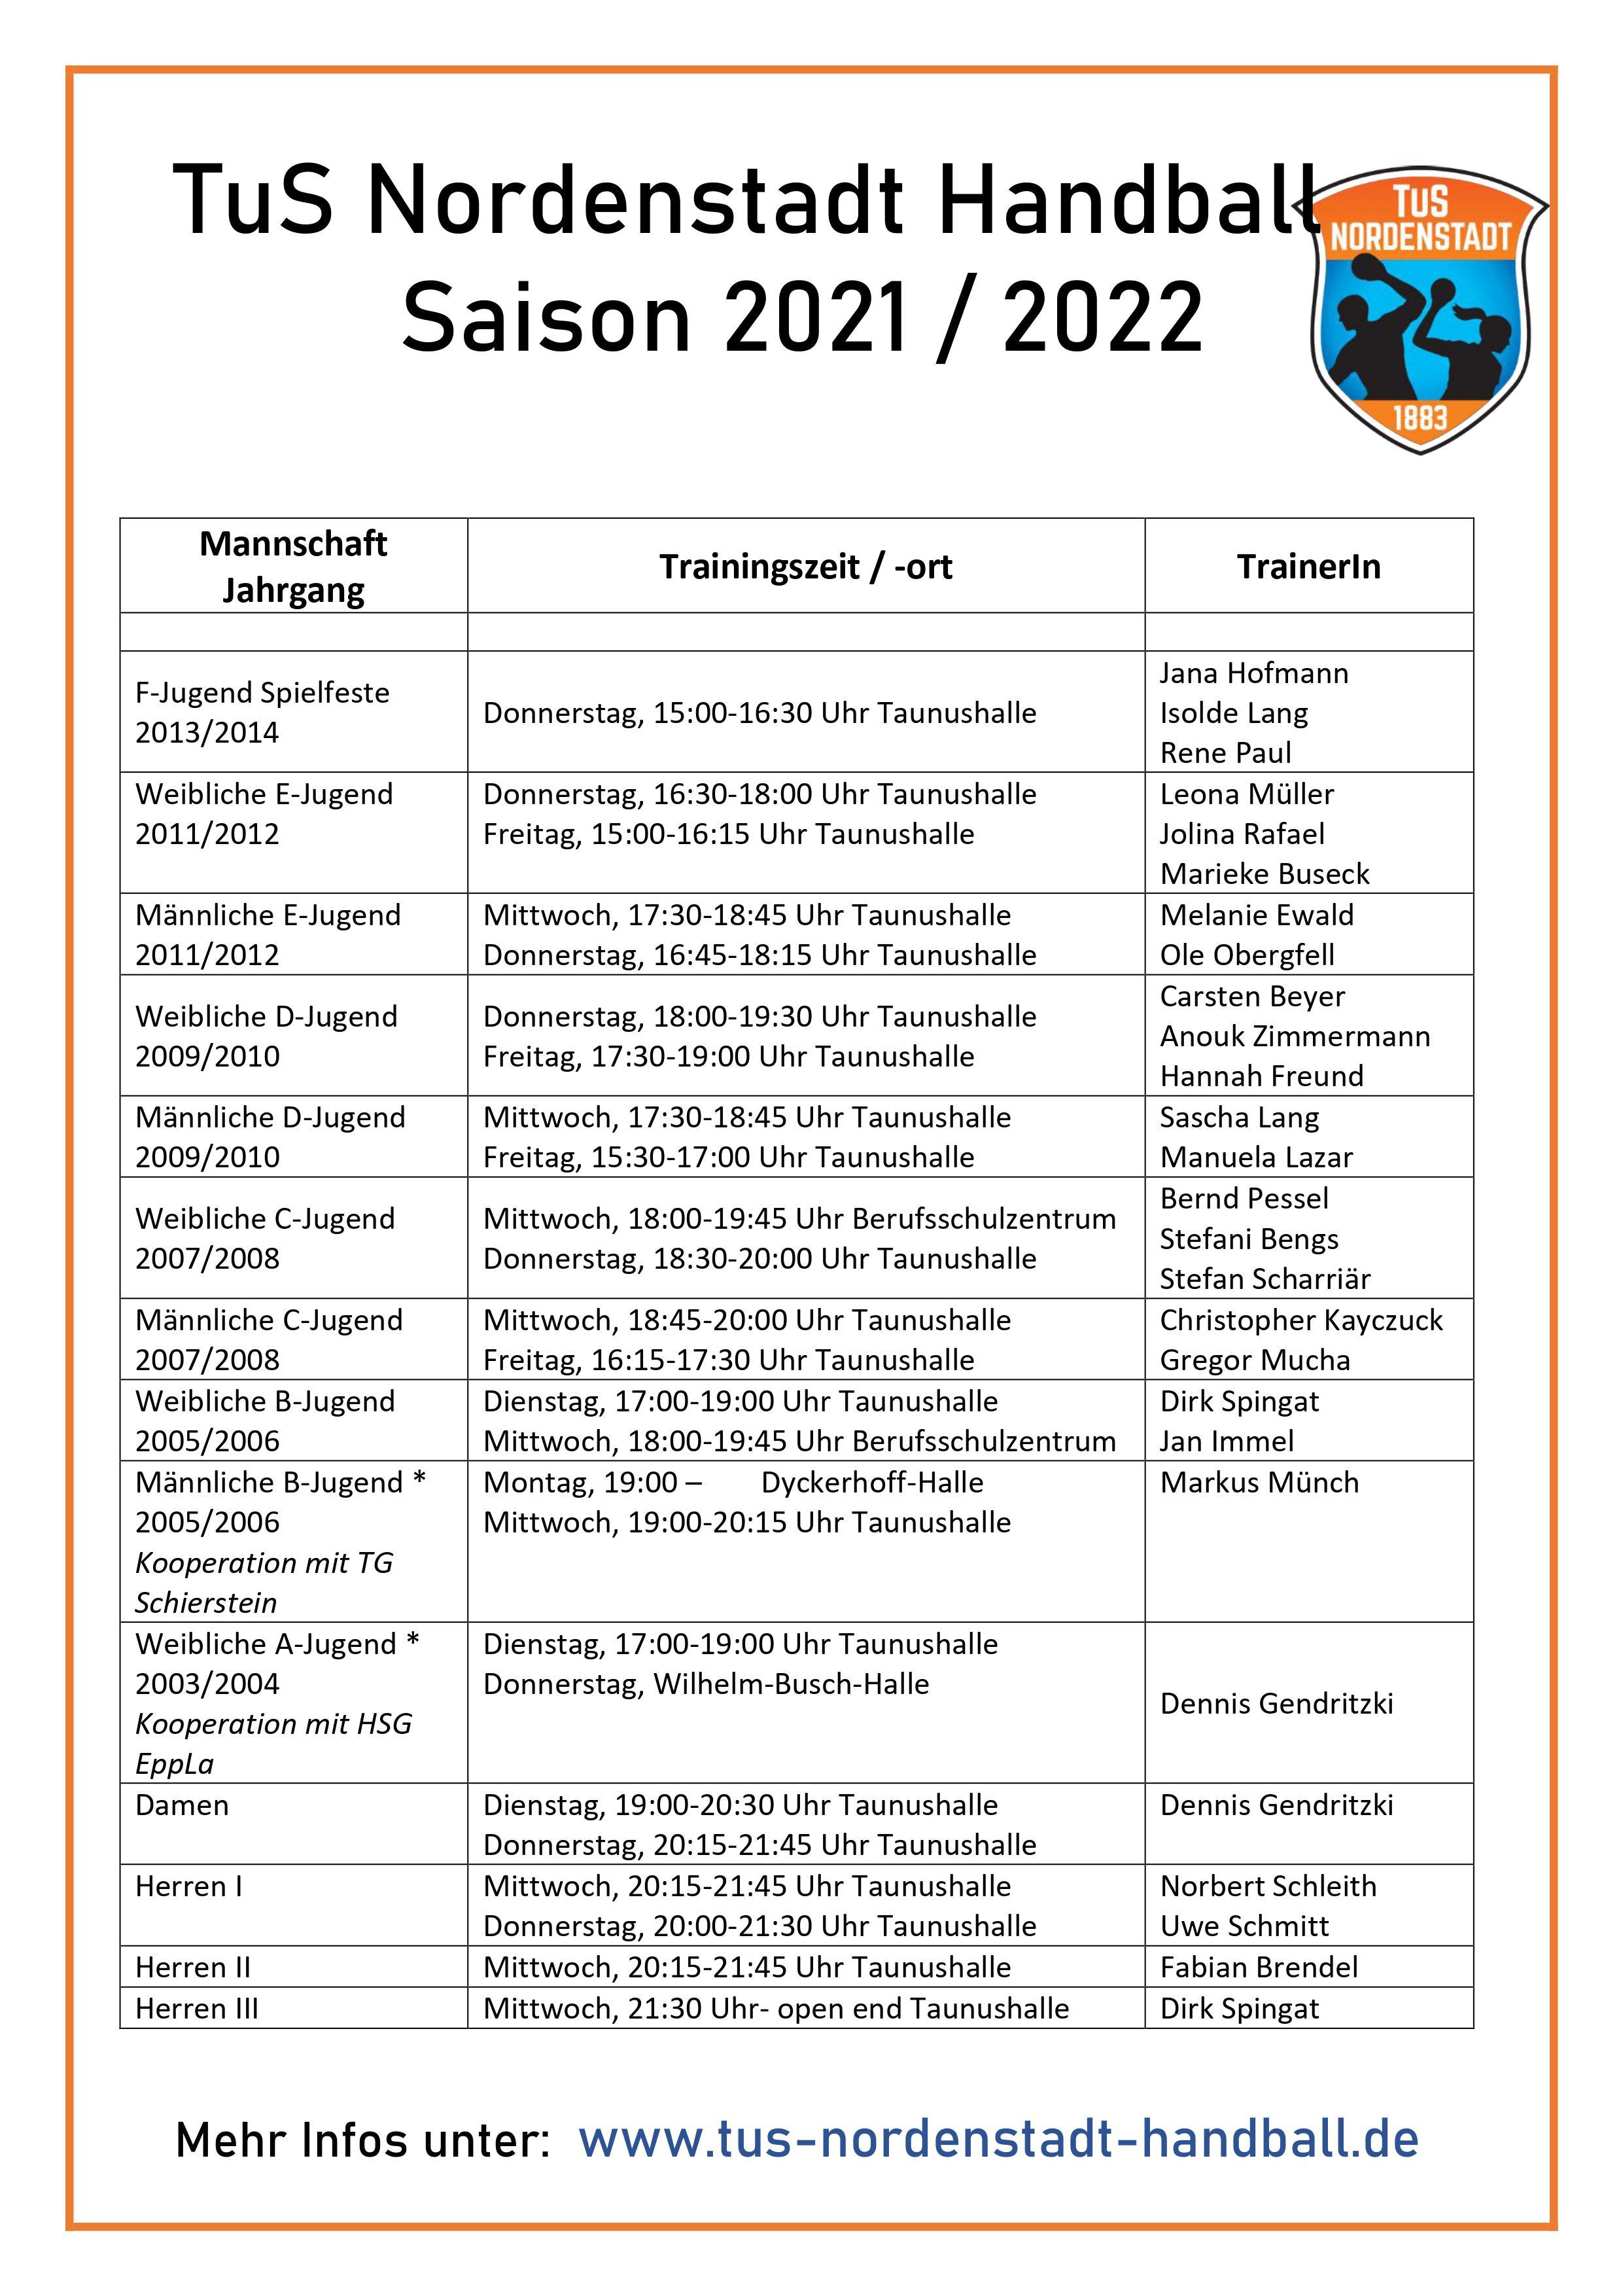 https://tus-nordenstadt-handball.de/wp-content/uploads/2021/09/0001-1.jpg